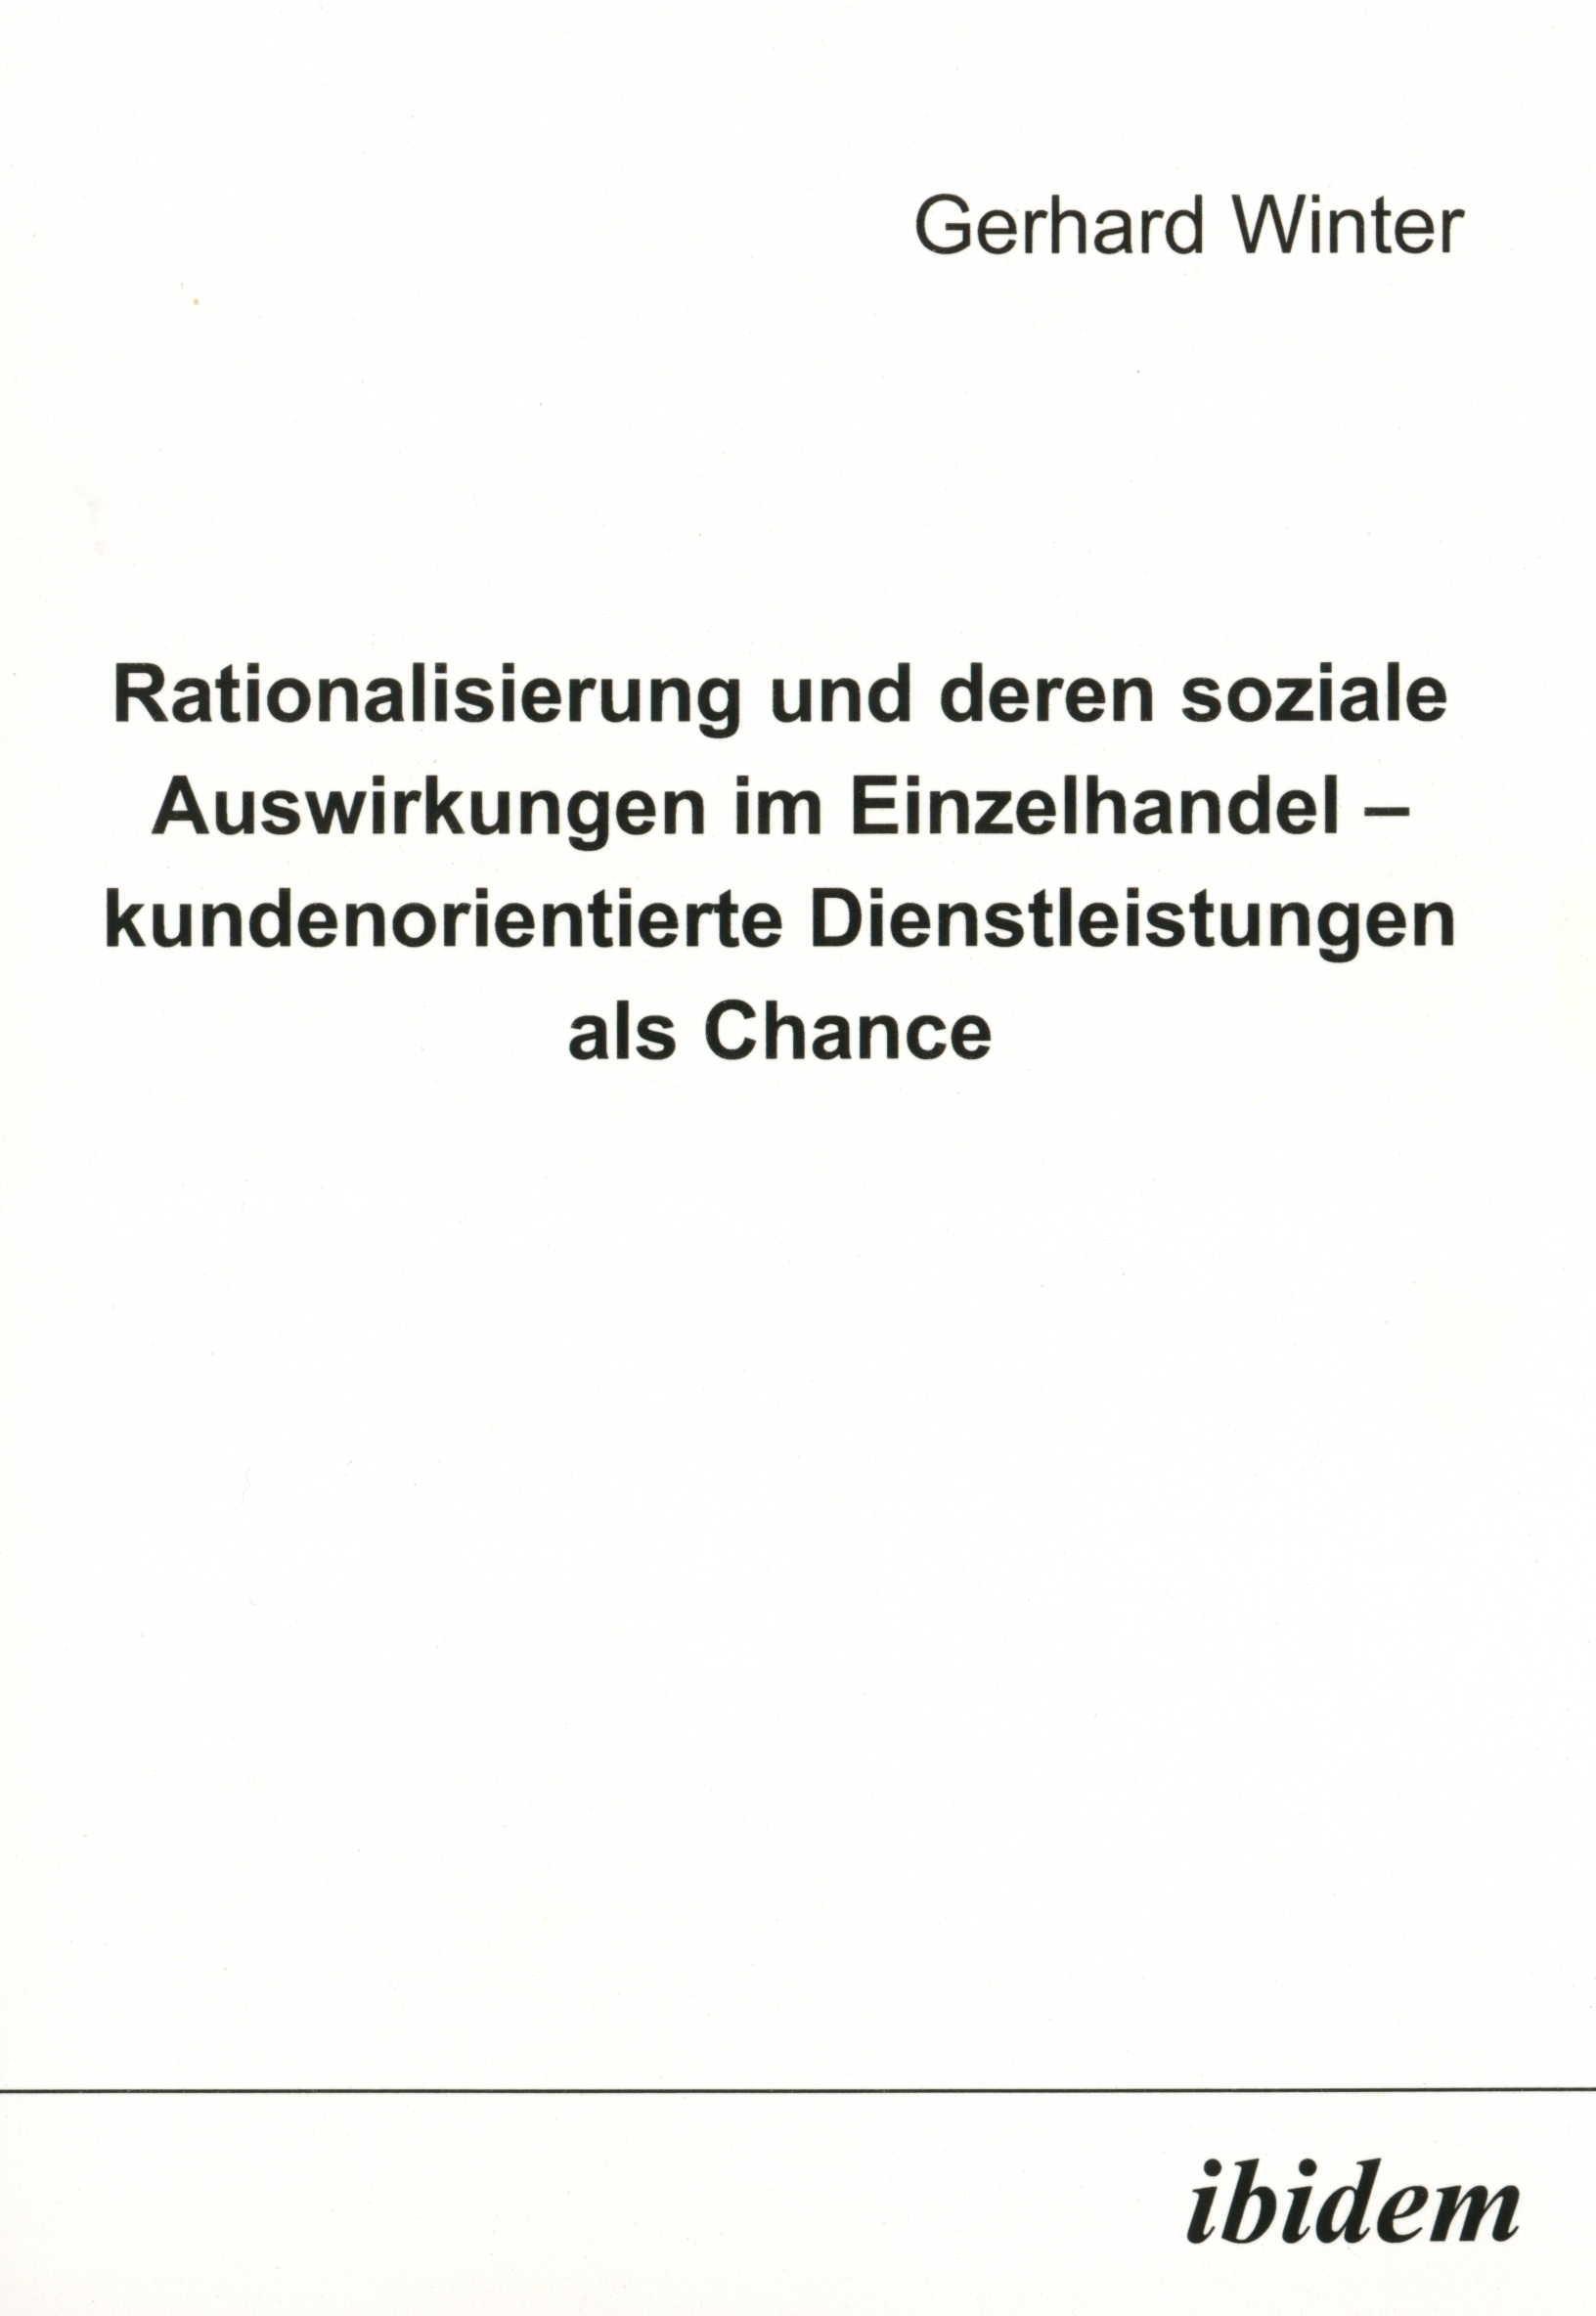 Rationalisierung und deren soziale Auswirkungen im Einzelhandel - kundenorientierte Dienstleistungen als Chance